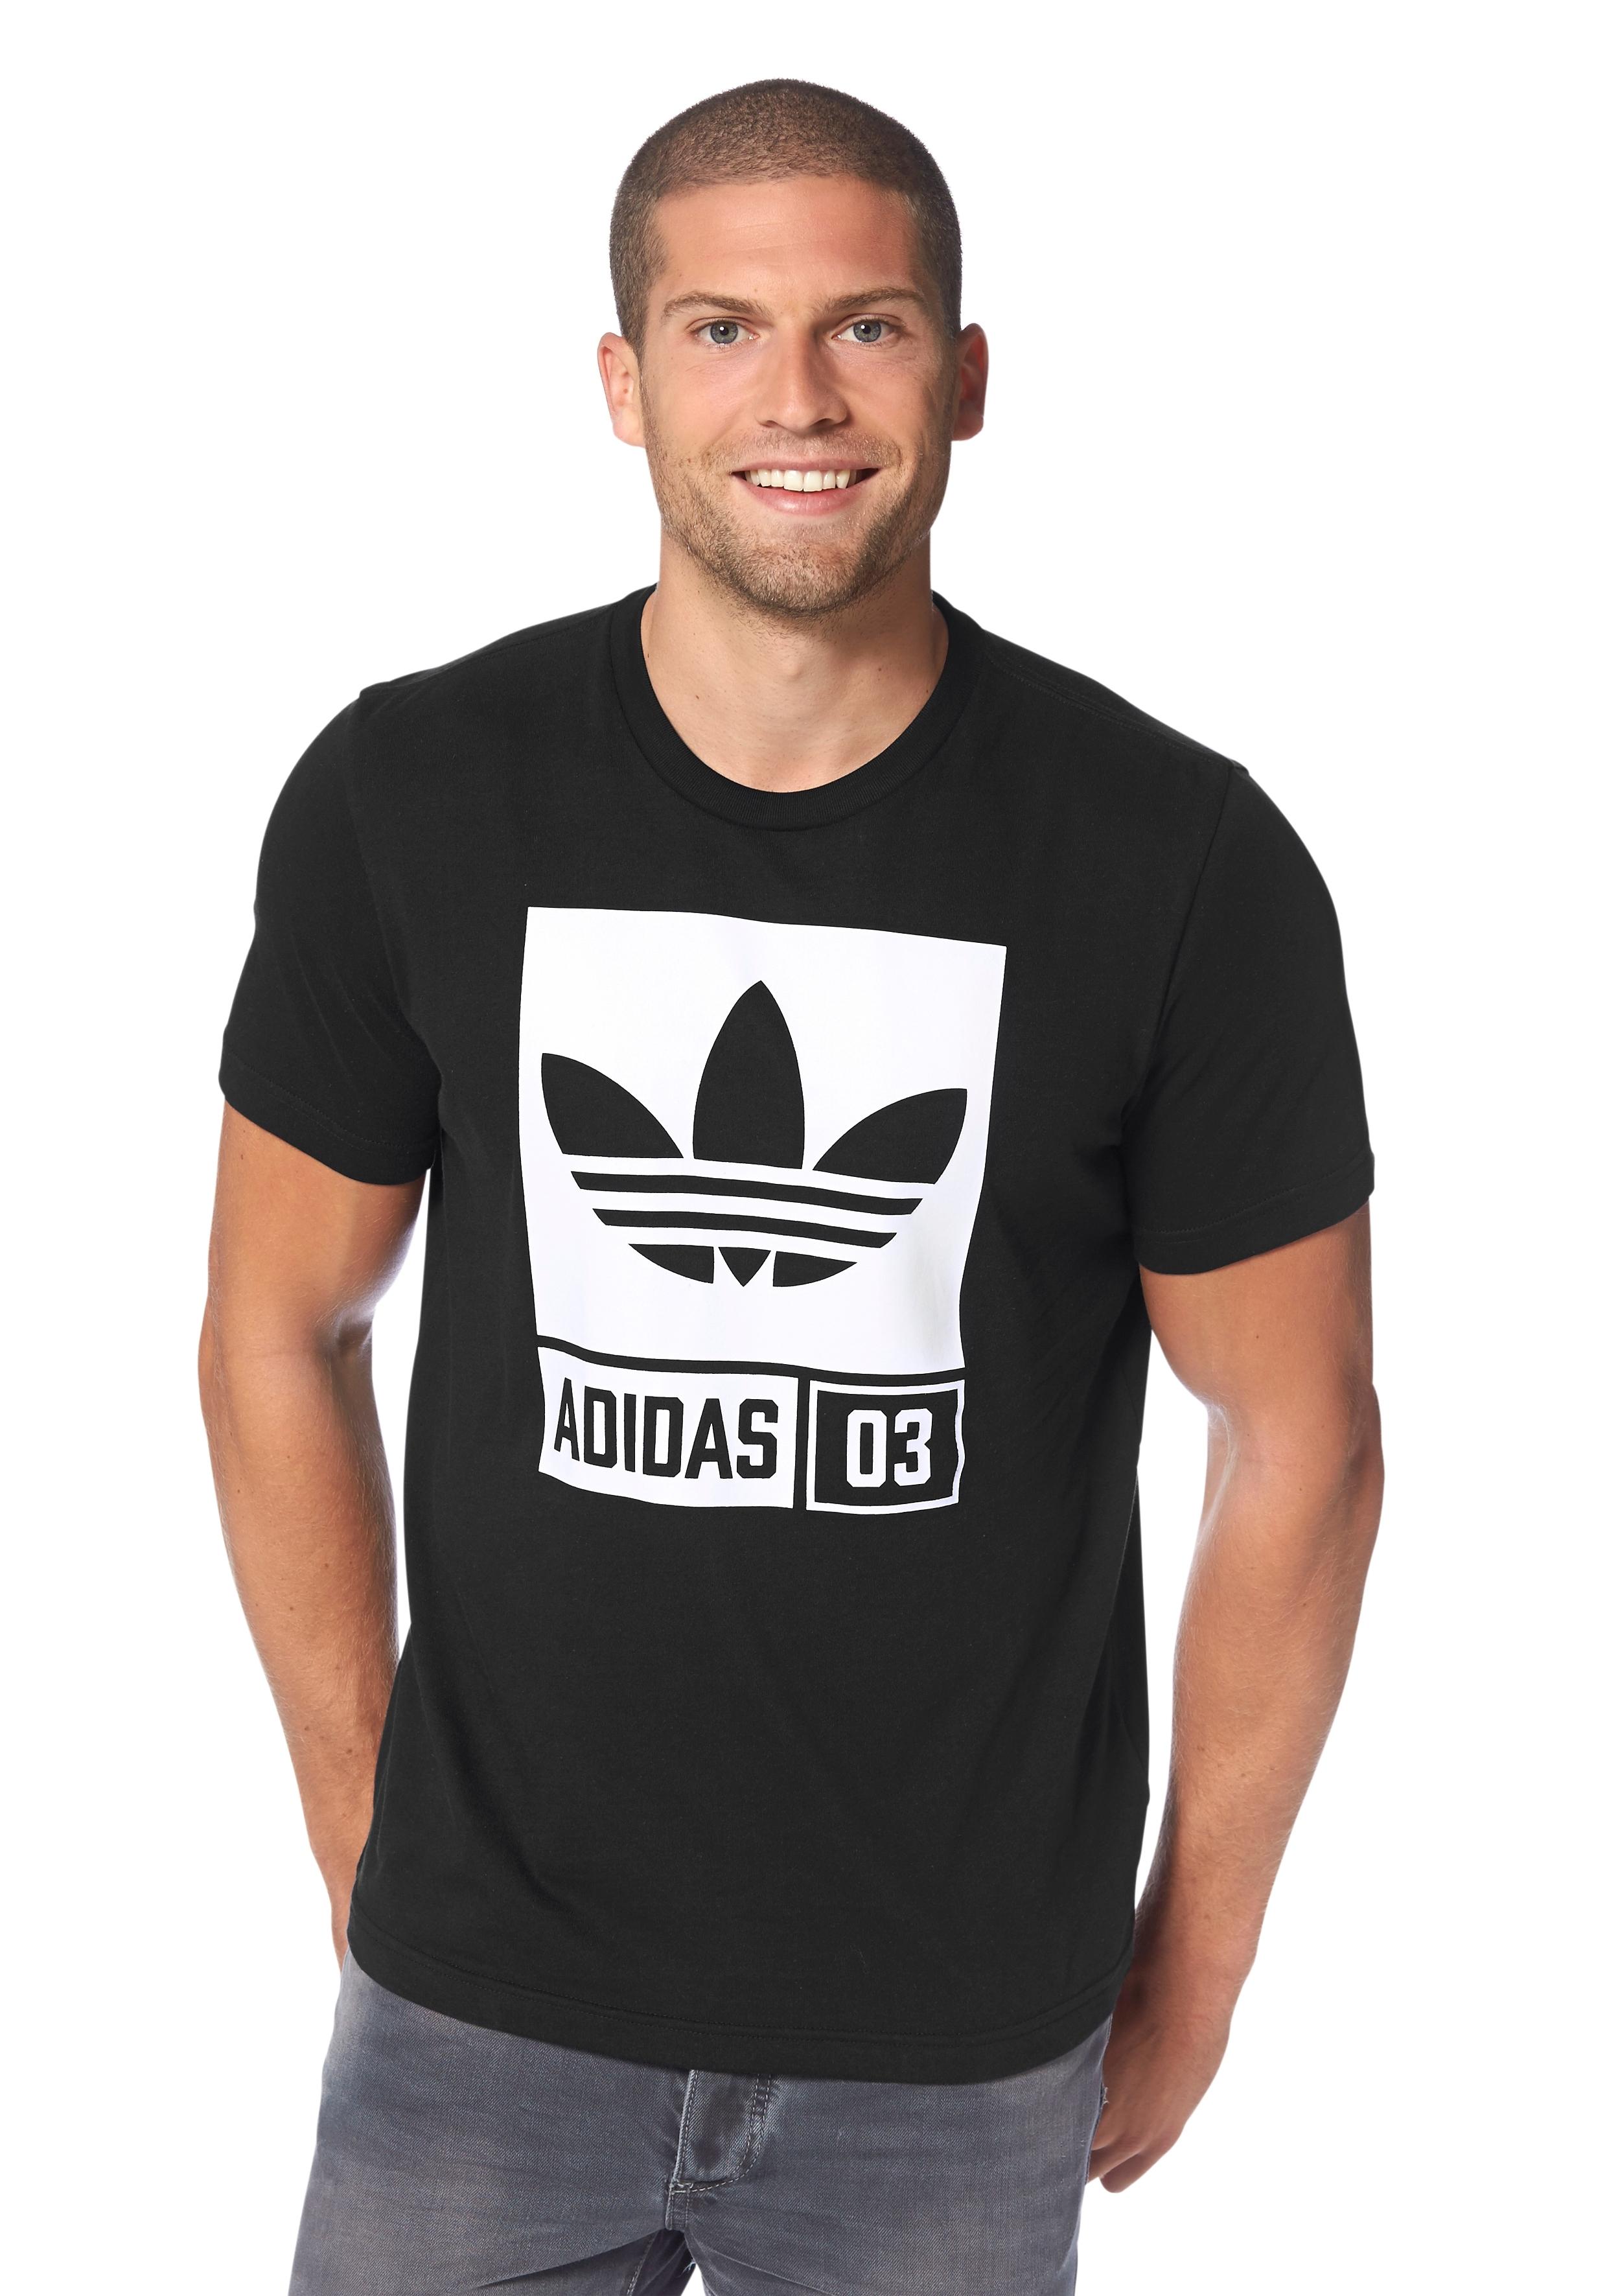 adidas Originals T-shirt met ronde hals nu online bestellen